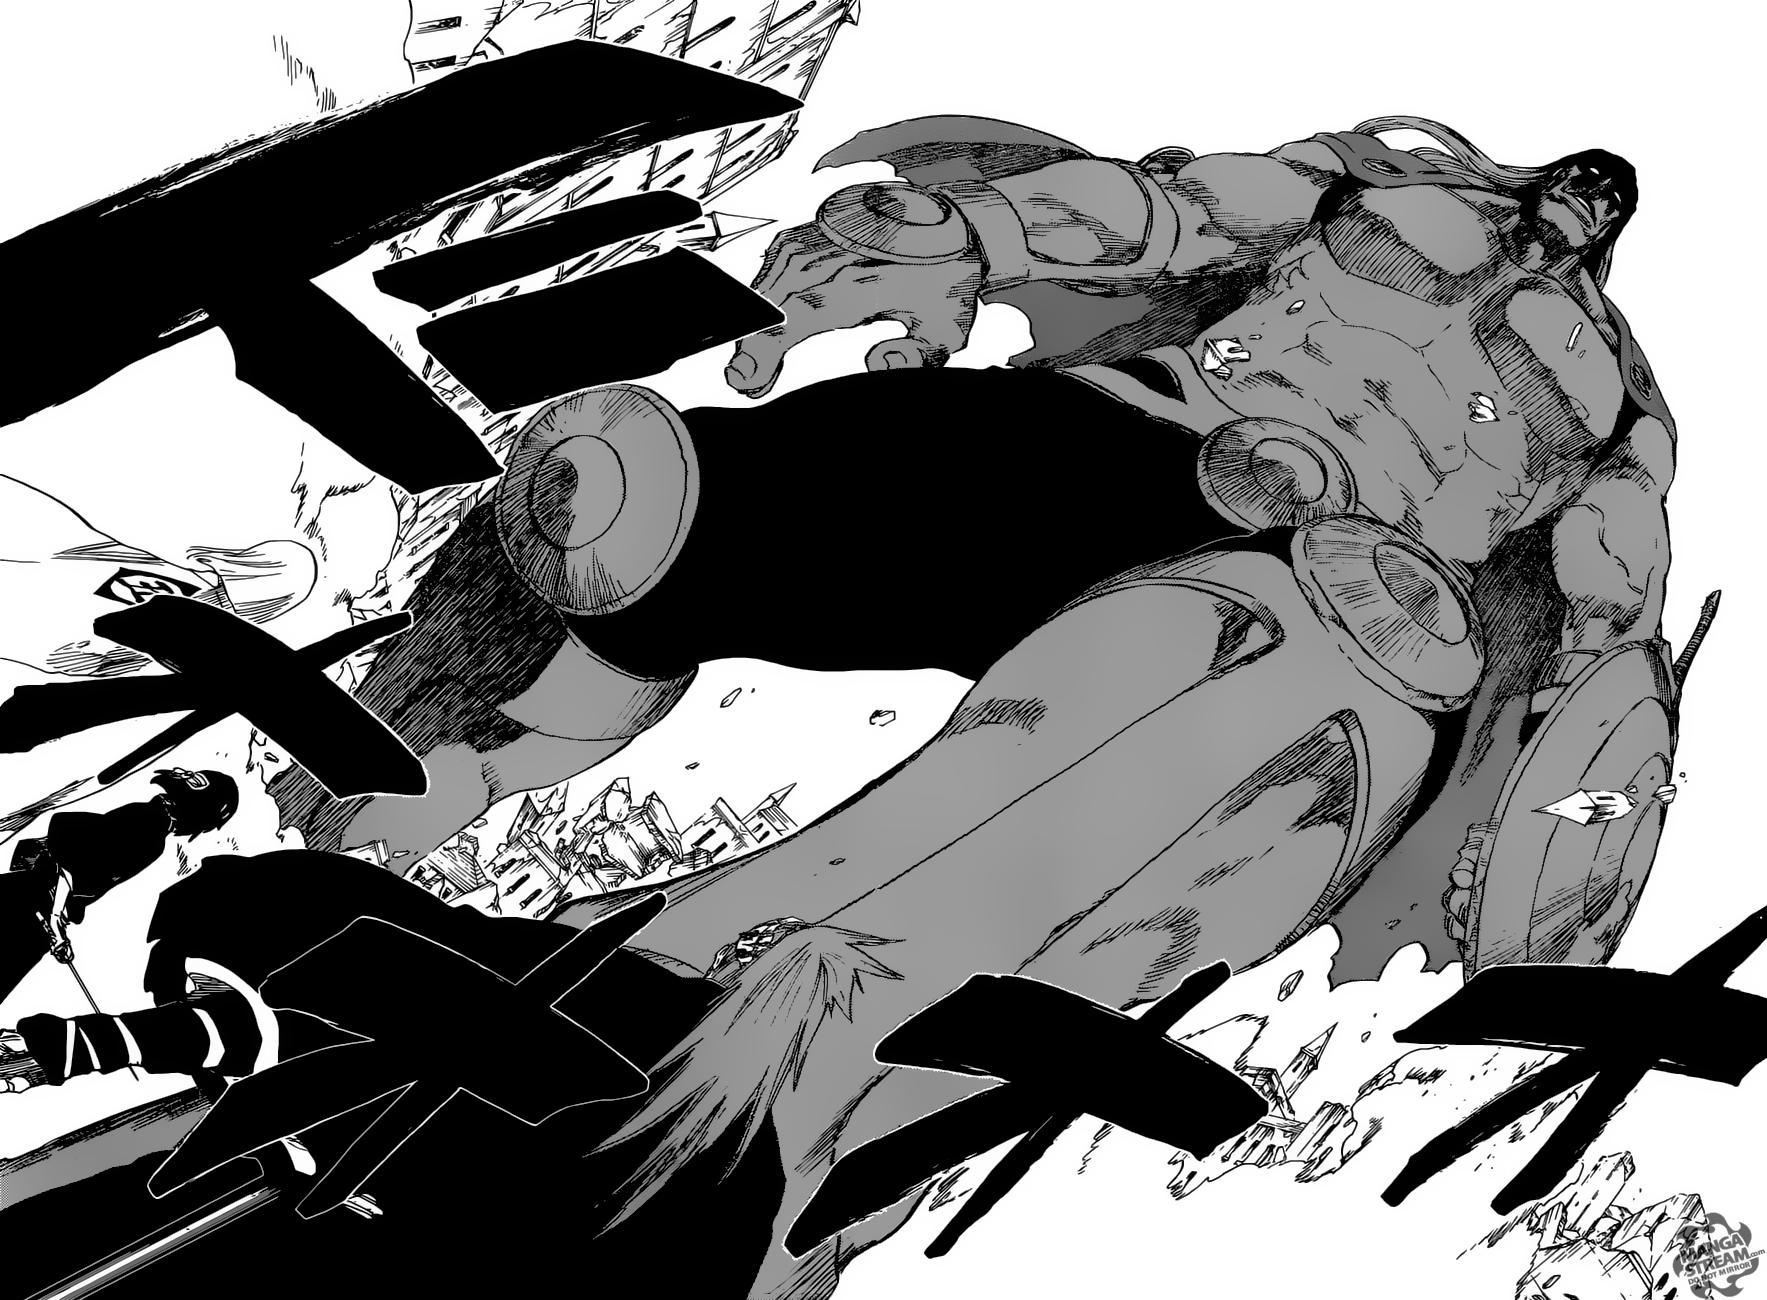 http://c5.ninemanga.com/es_manga/63/63/432787/a273d1bce8370a8d4599d51d9287d6cb.jpg Page 9